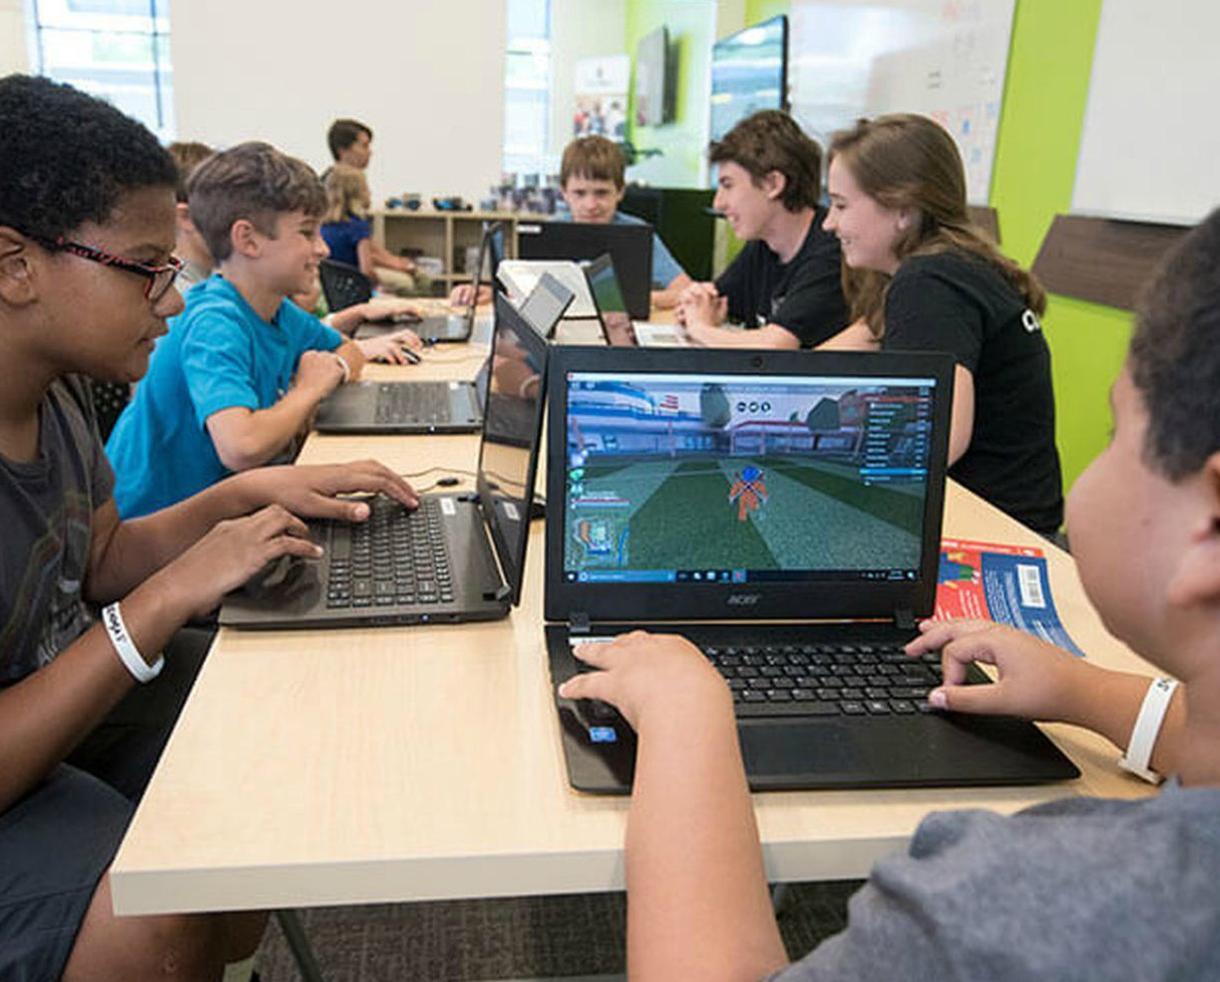 Deal: Code Ninjas STEM Camp - Drones, Roblox & More   CertifiKID